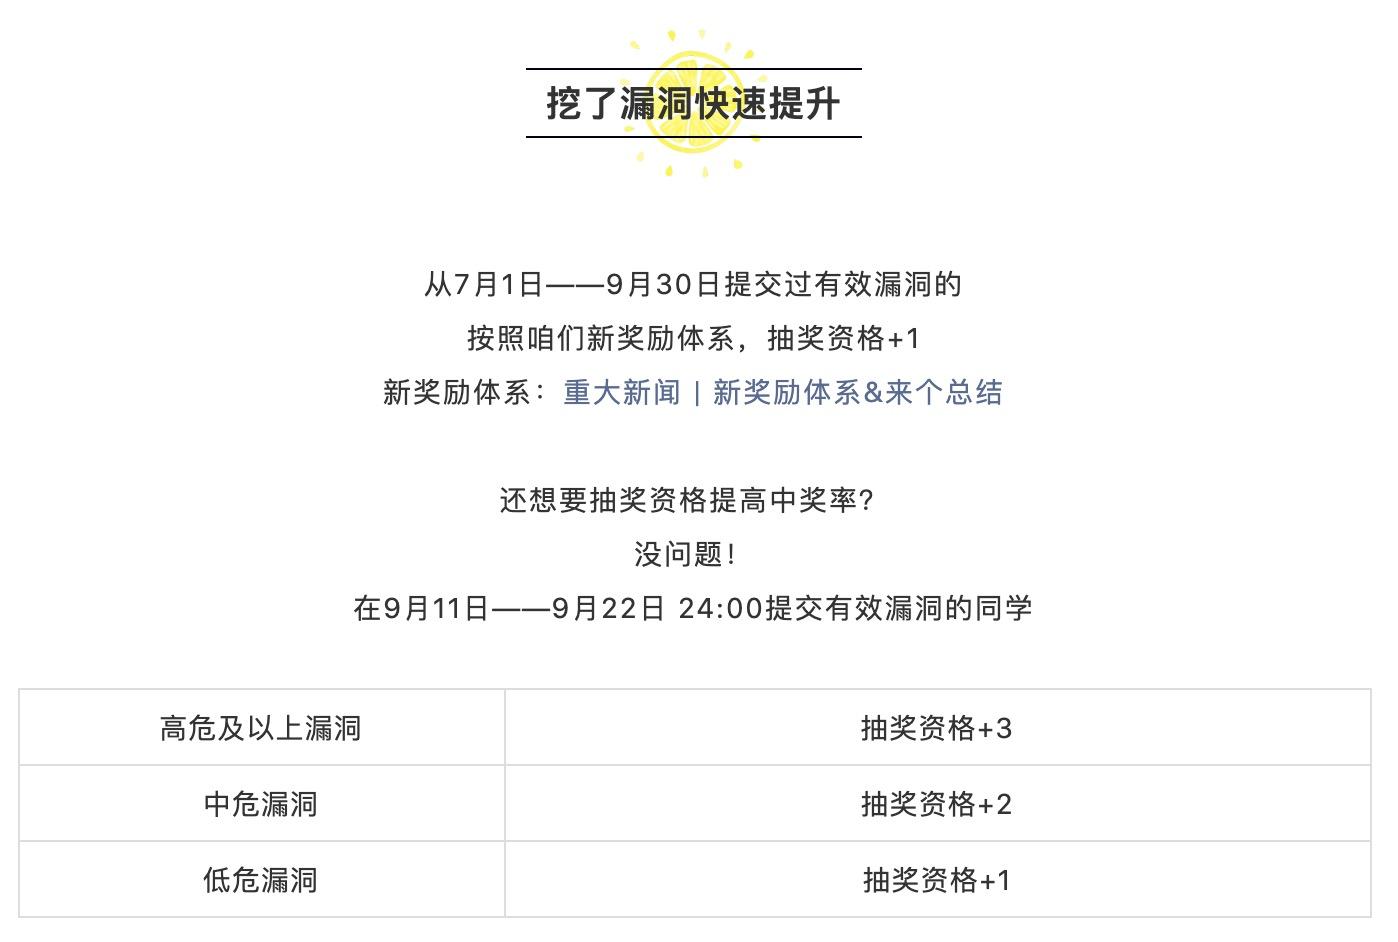 https://momo-mmsrc.oss-cn-hangzhou.aliyuncs.com/img-e6453ebe-9cf6-3641-b90c-85712233c9da.jpeg